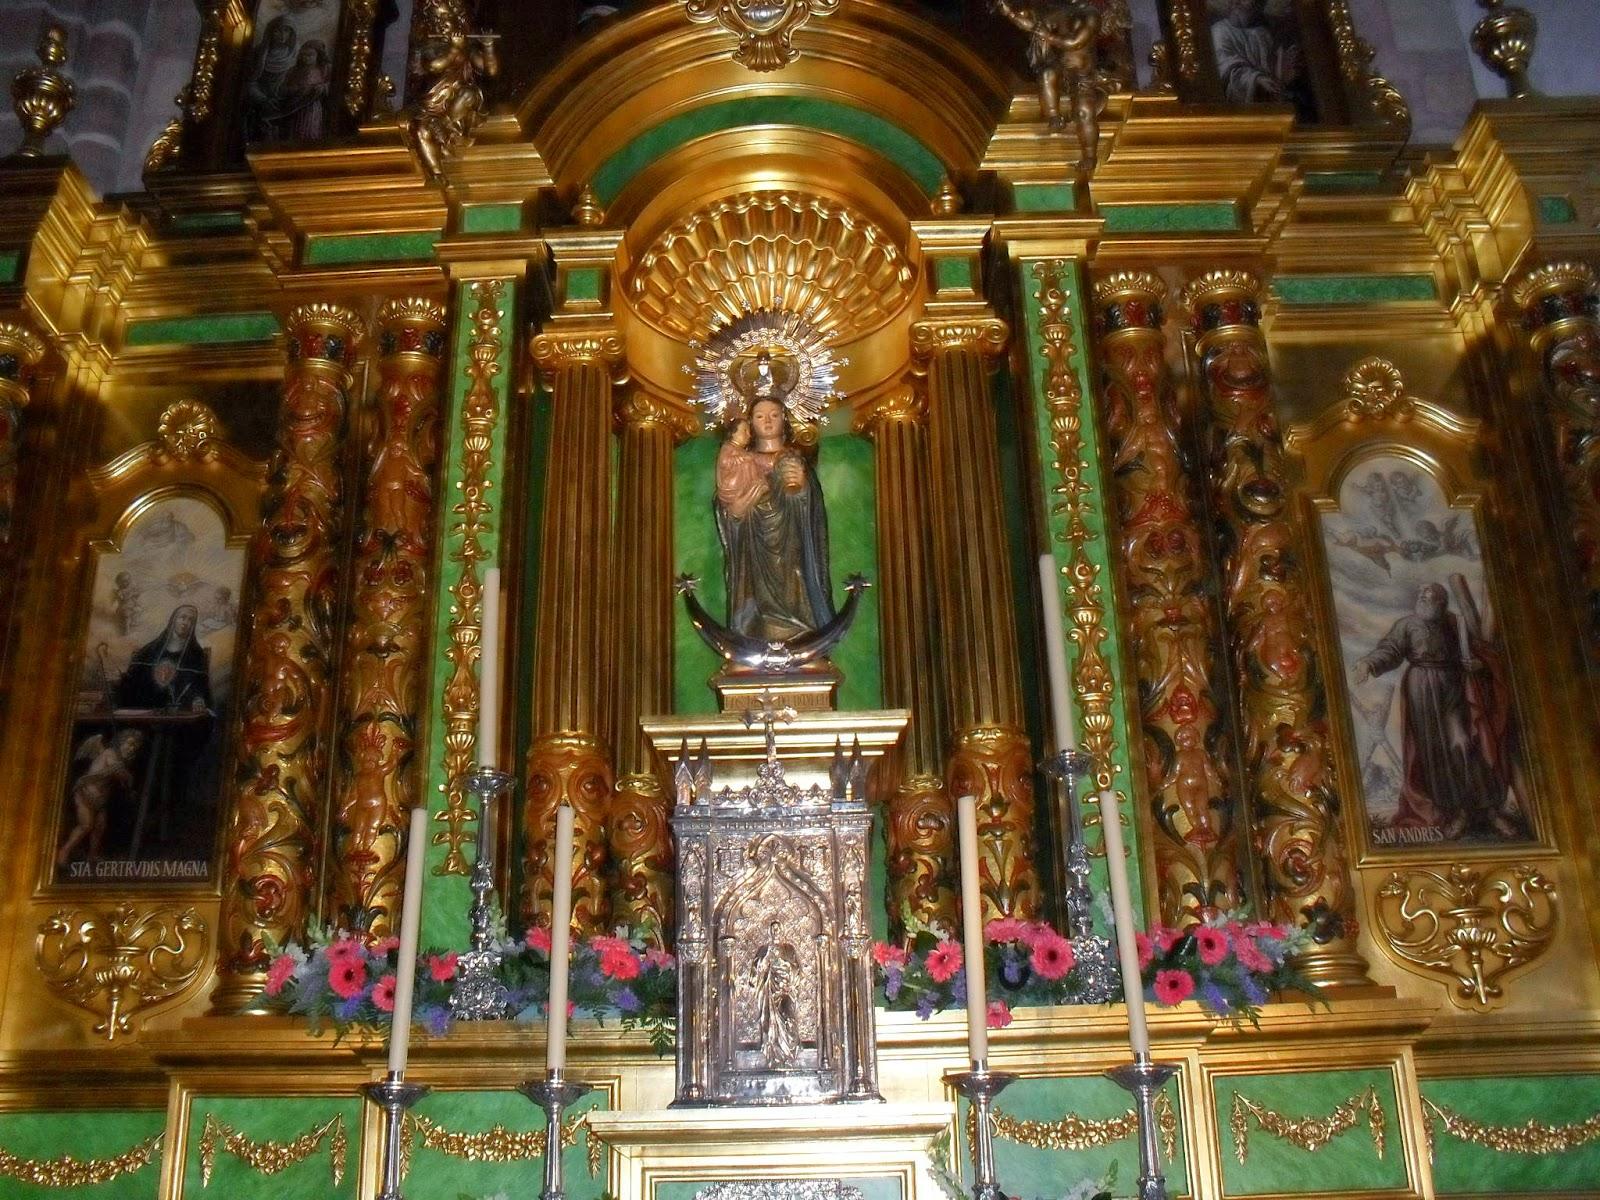 Una Virgen de Castilla en Andalucía: Nuestra Señora de Zocueca, España (20 de julio, 5 de agosto, último dgo. septiembre)